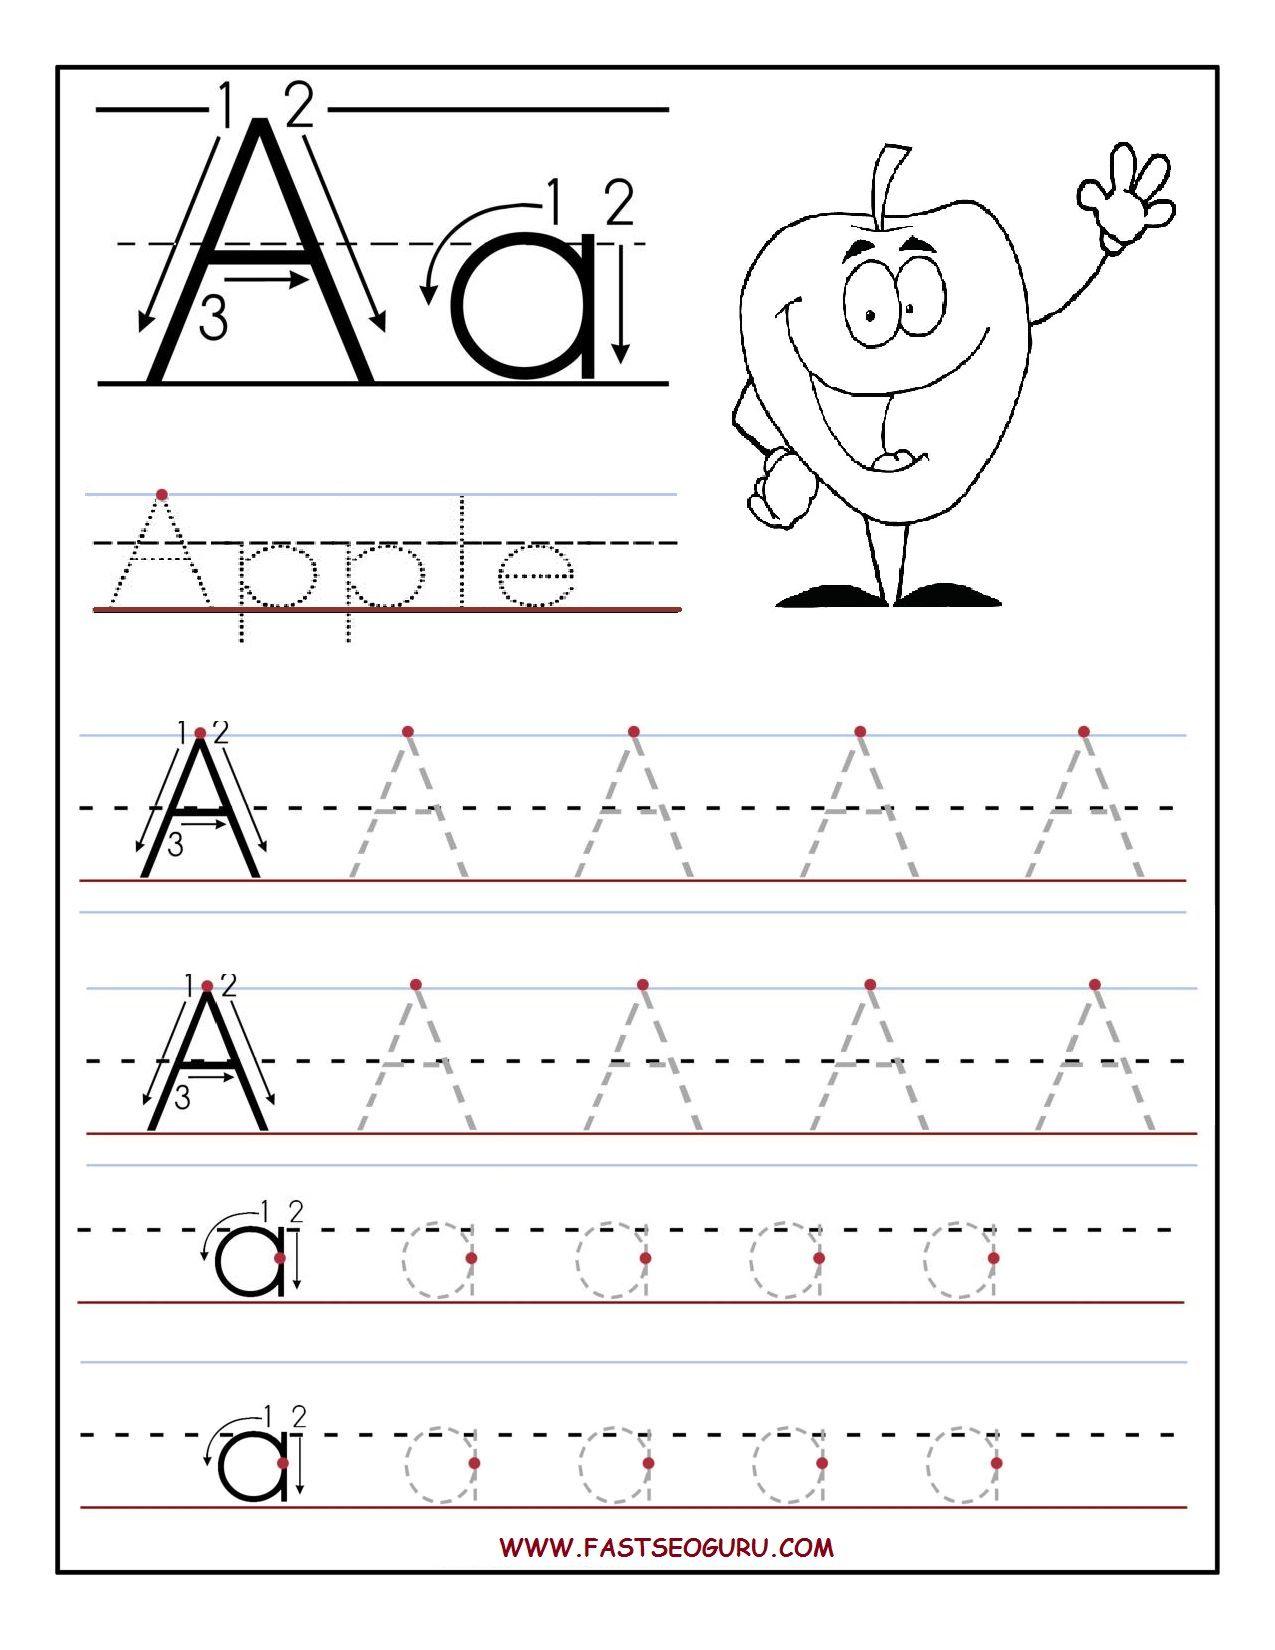 B>Free</b> <B>Printable</b> Letter A Tracing <B>Worksheets</b - Free Printable Preschool Worksheets Tracing Letters